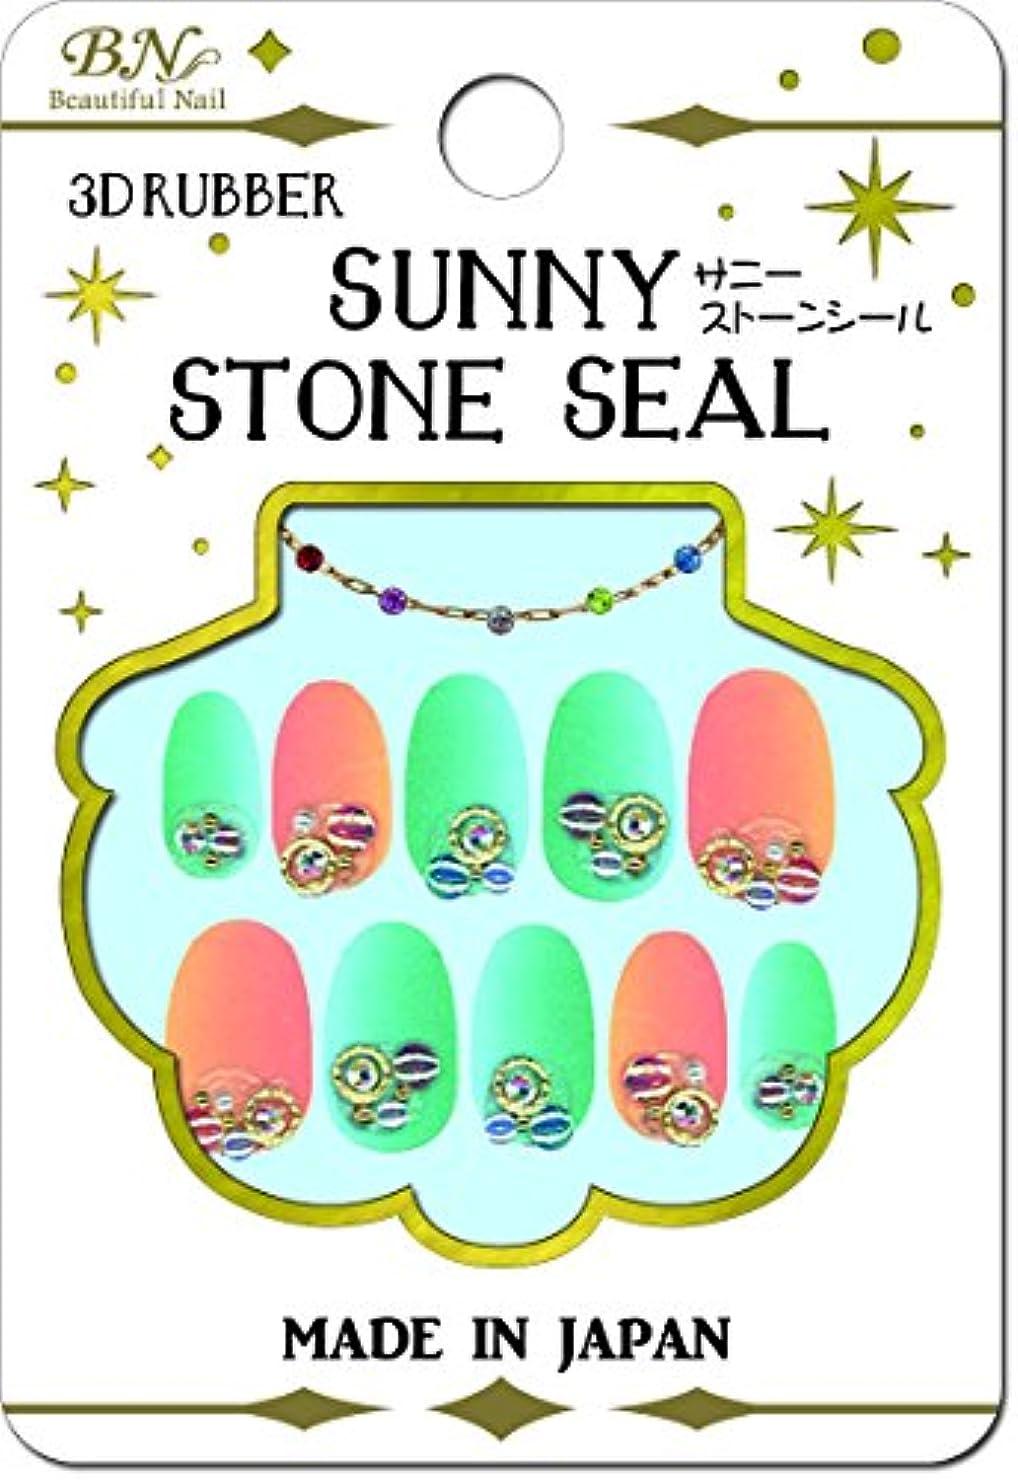 湿度しっとり有彩色のビーエヌ ネイルシール サニーストーンシール SSS-04